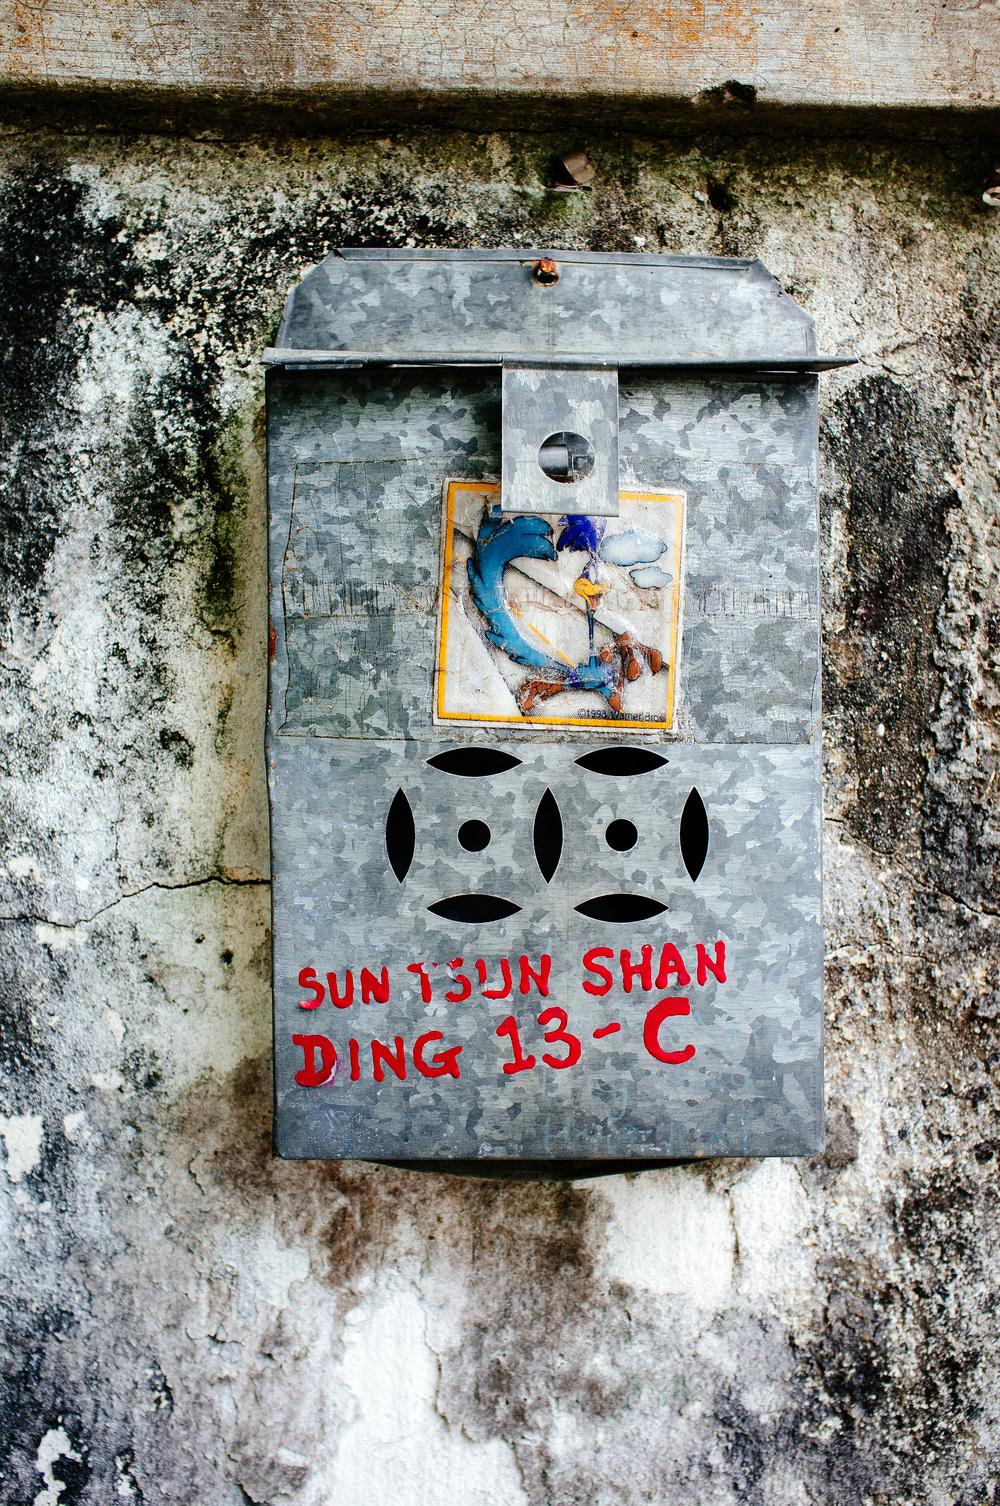 Peng Chau Mailbox.jpg